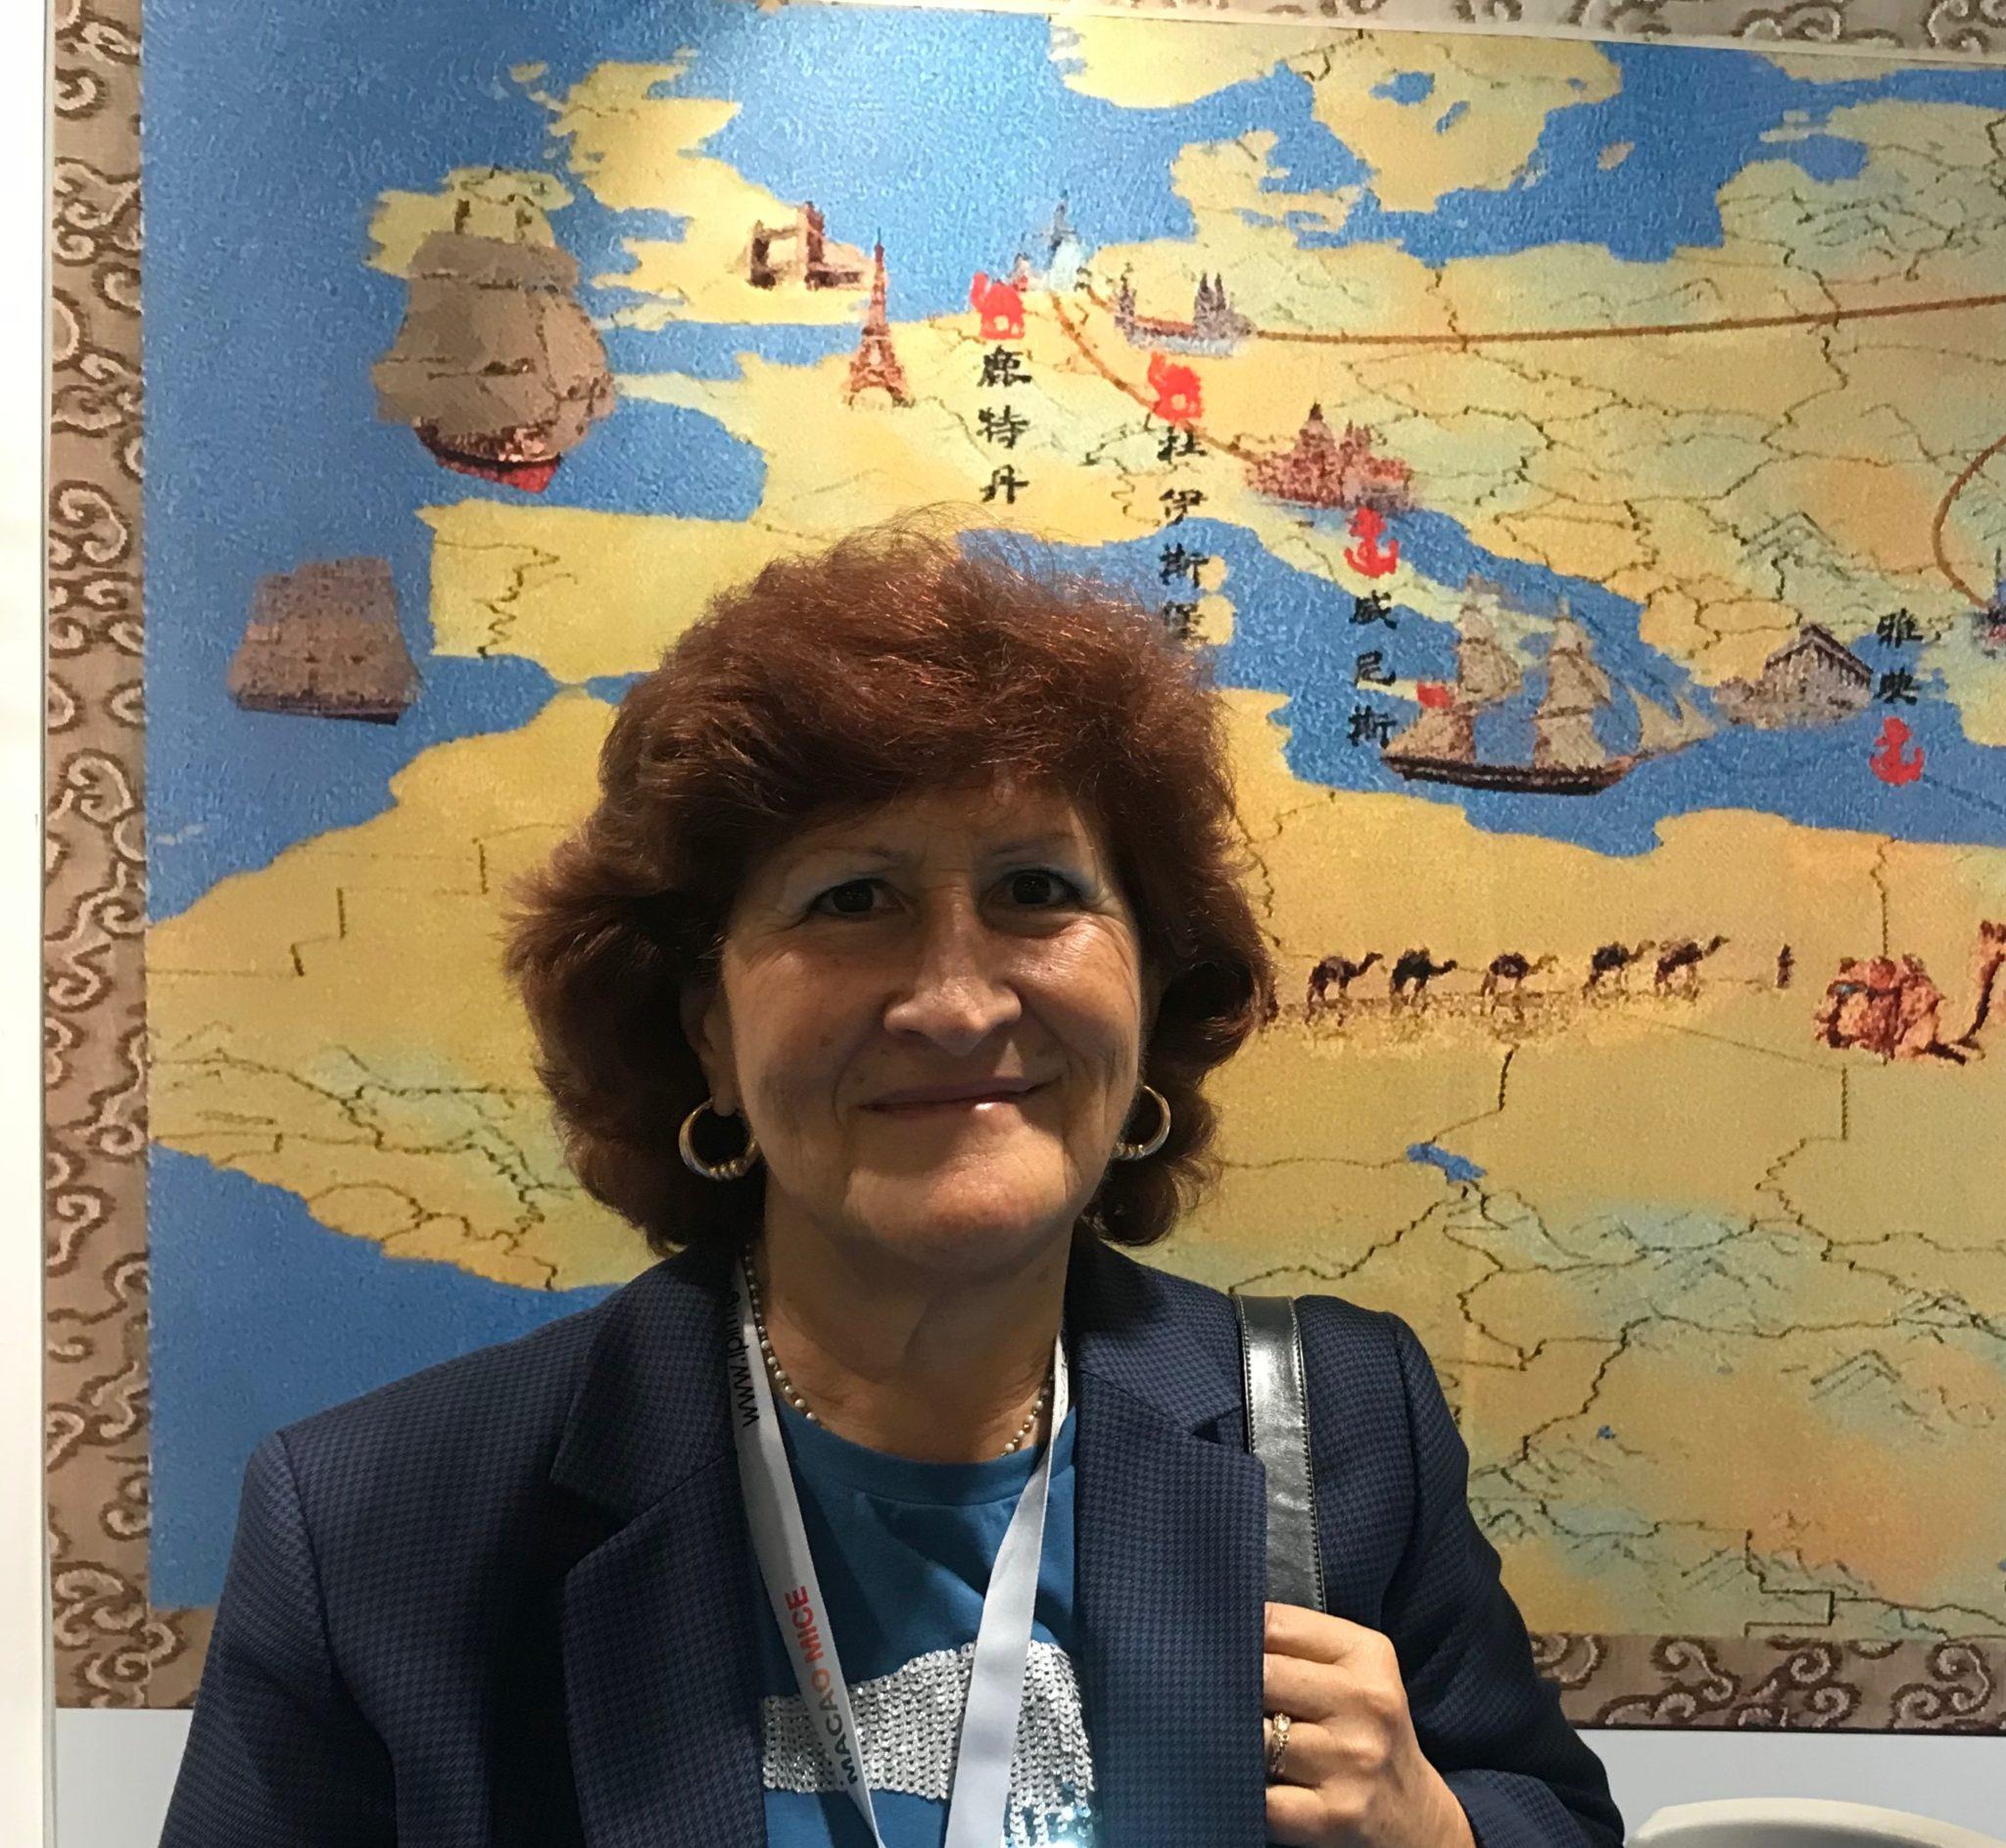 História | Associação organiza viagem sobre portos lusos na Ásia